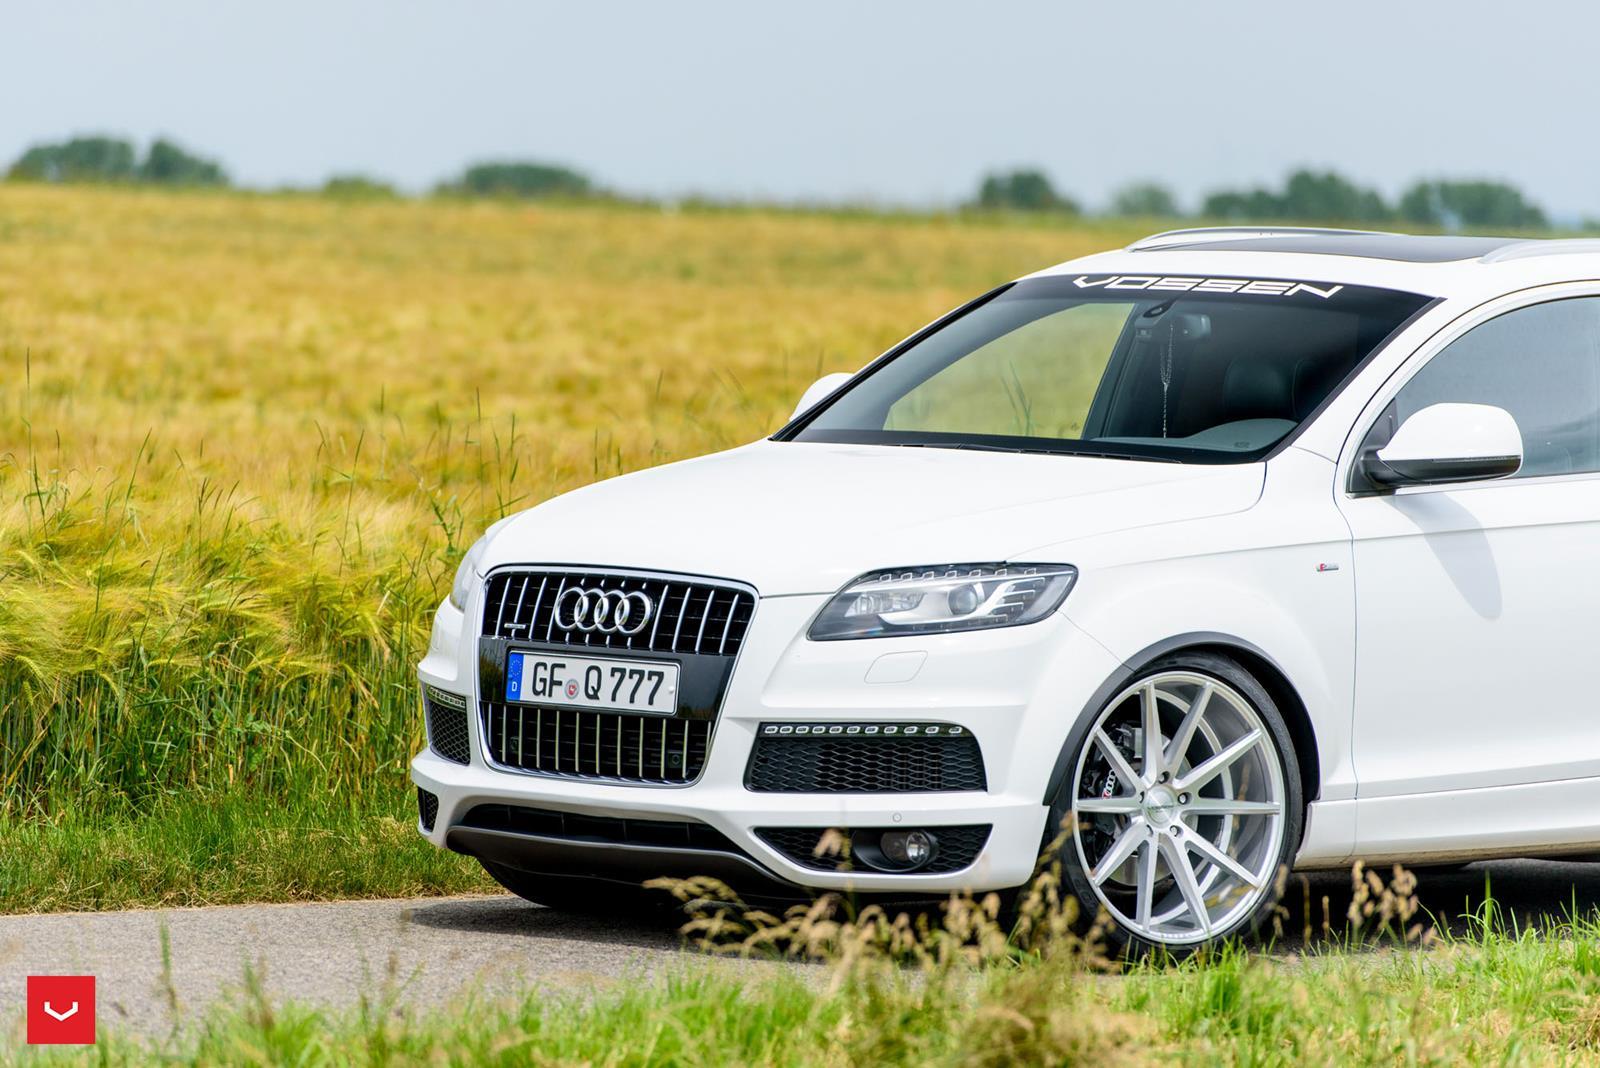 Audi Q7 Vossen Flow Formed Series Vfs1 Vossen Wheels